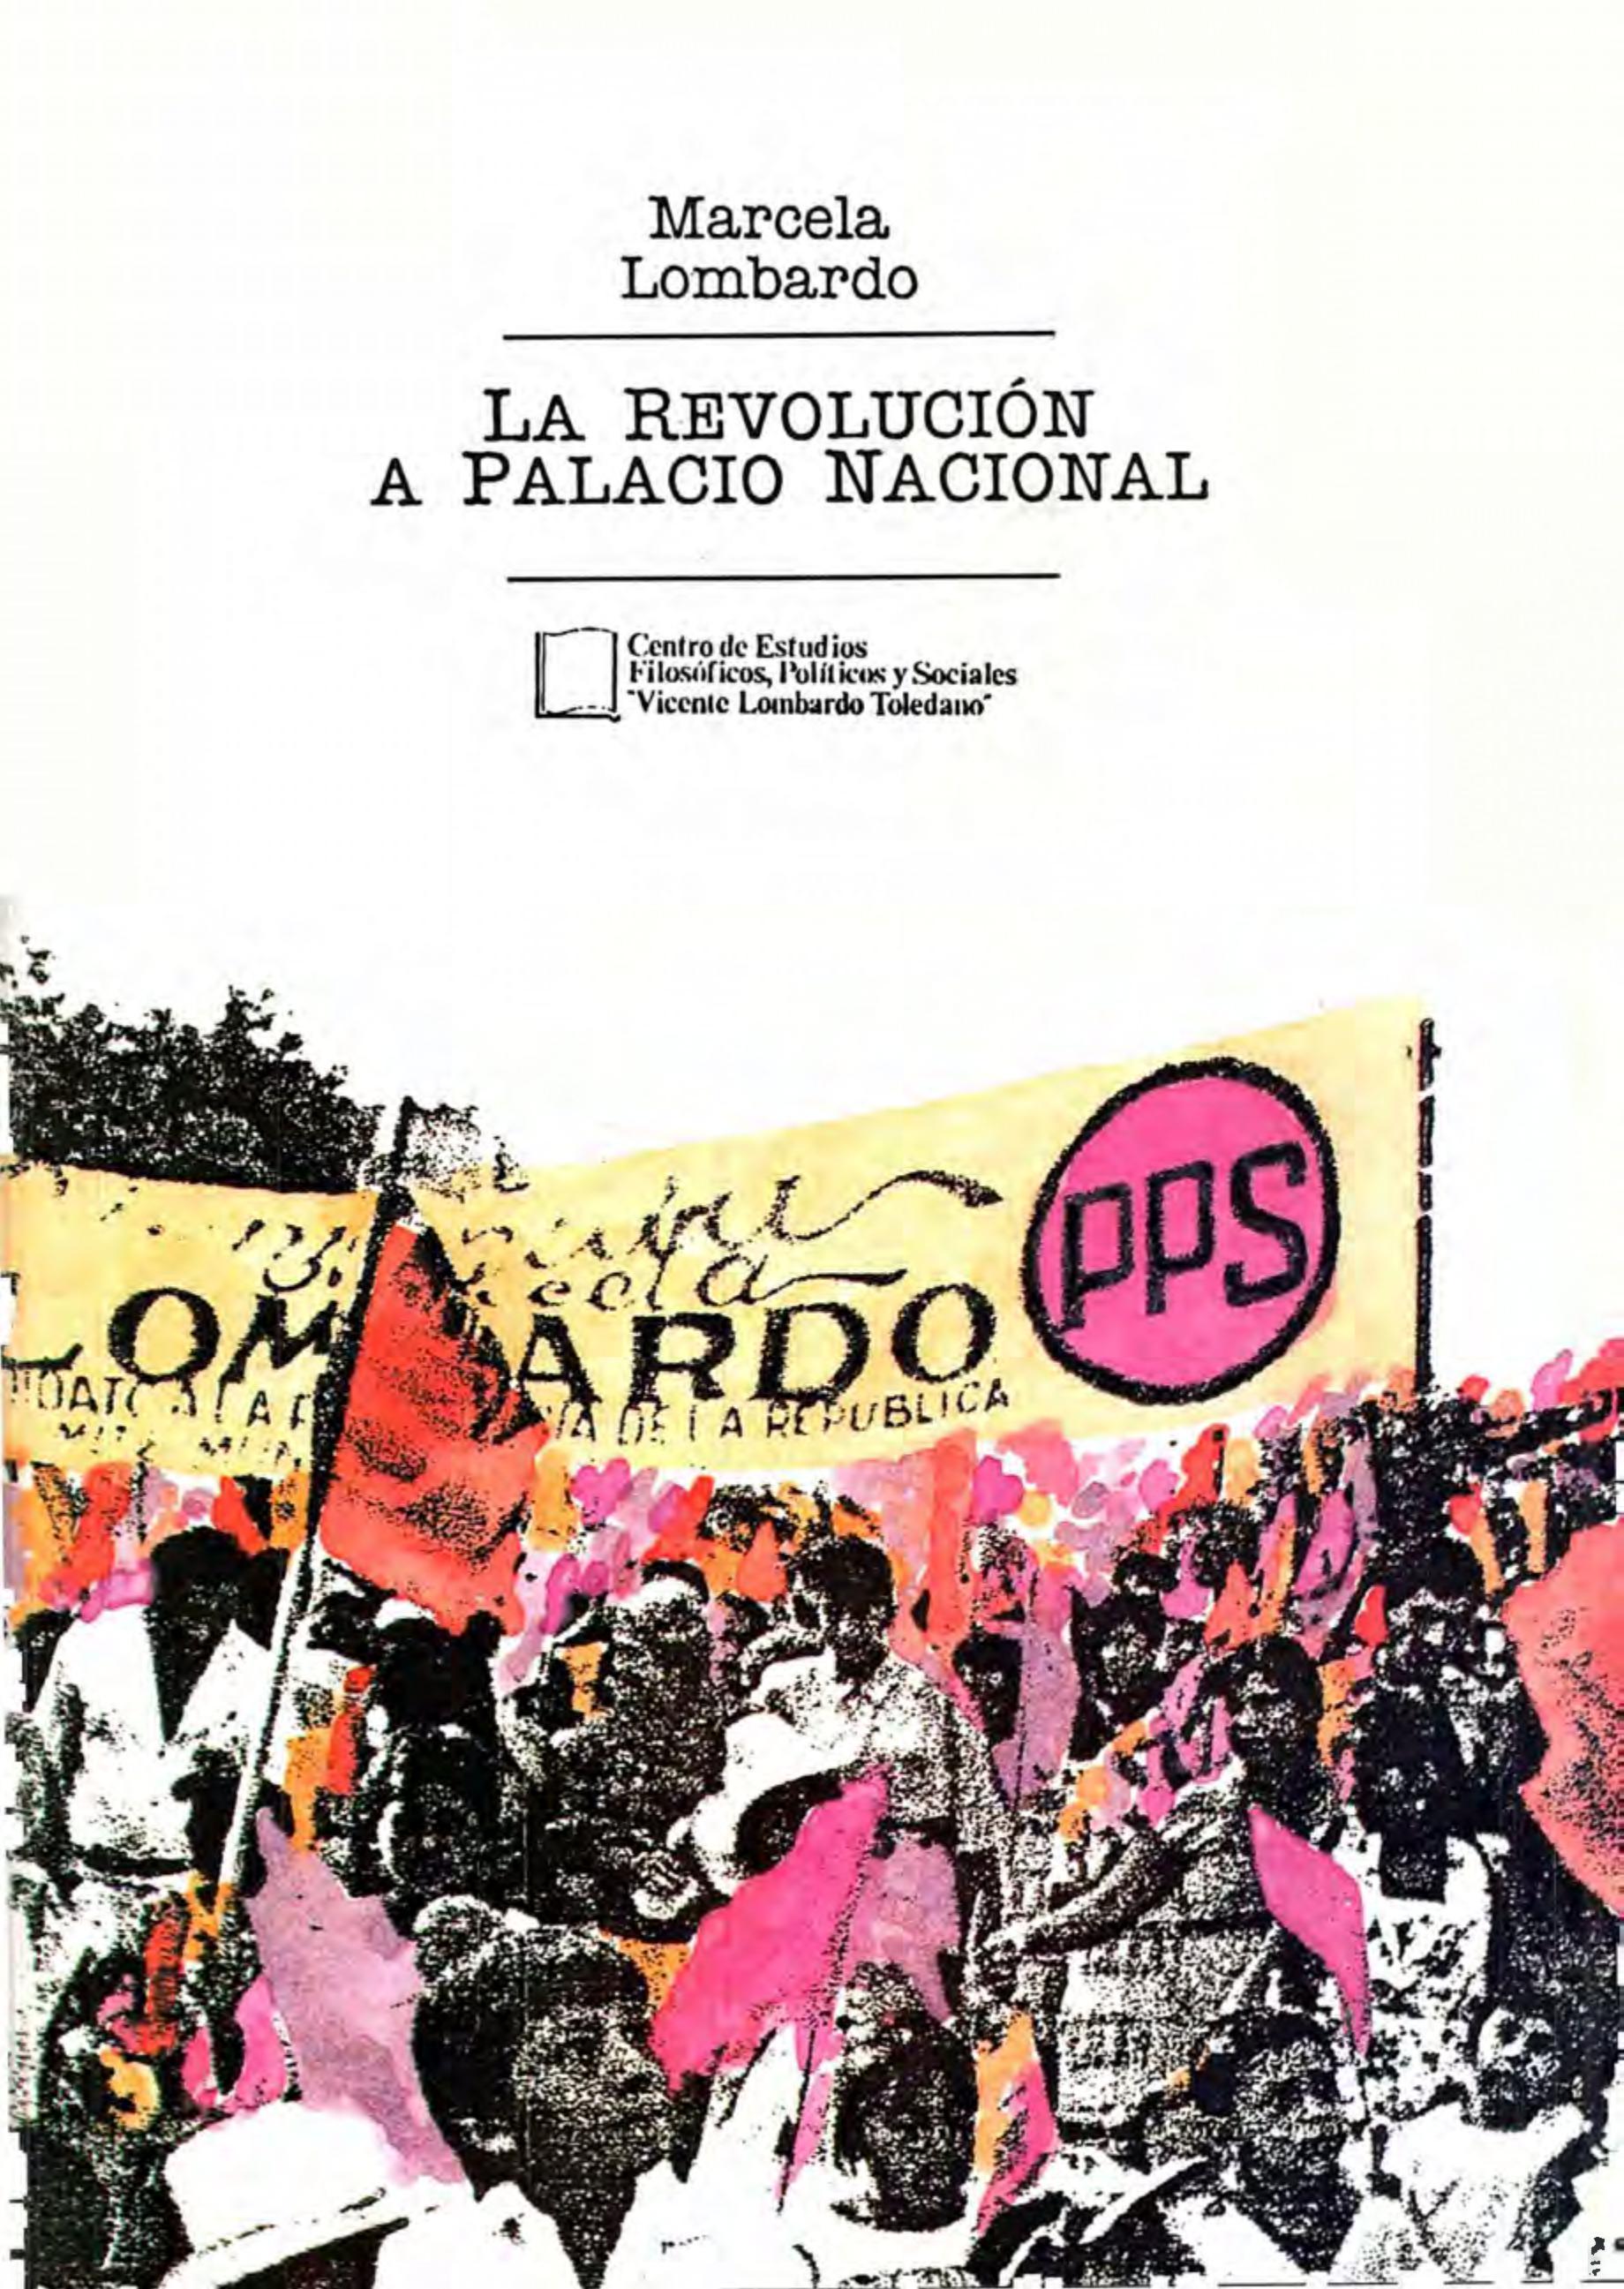 Portada del libro: LA REVOLUCIÓN A PALACIO NACIONAL